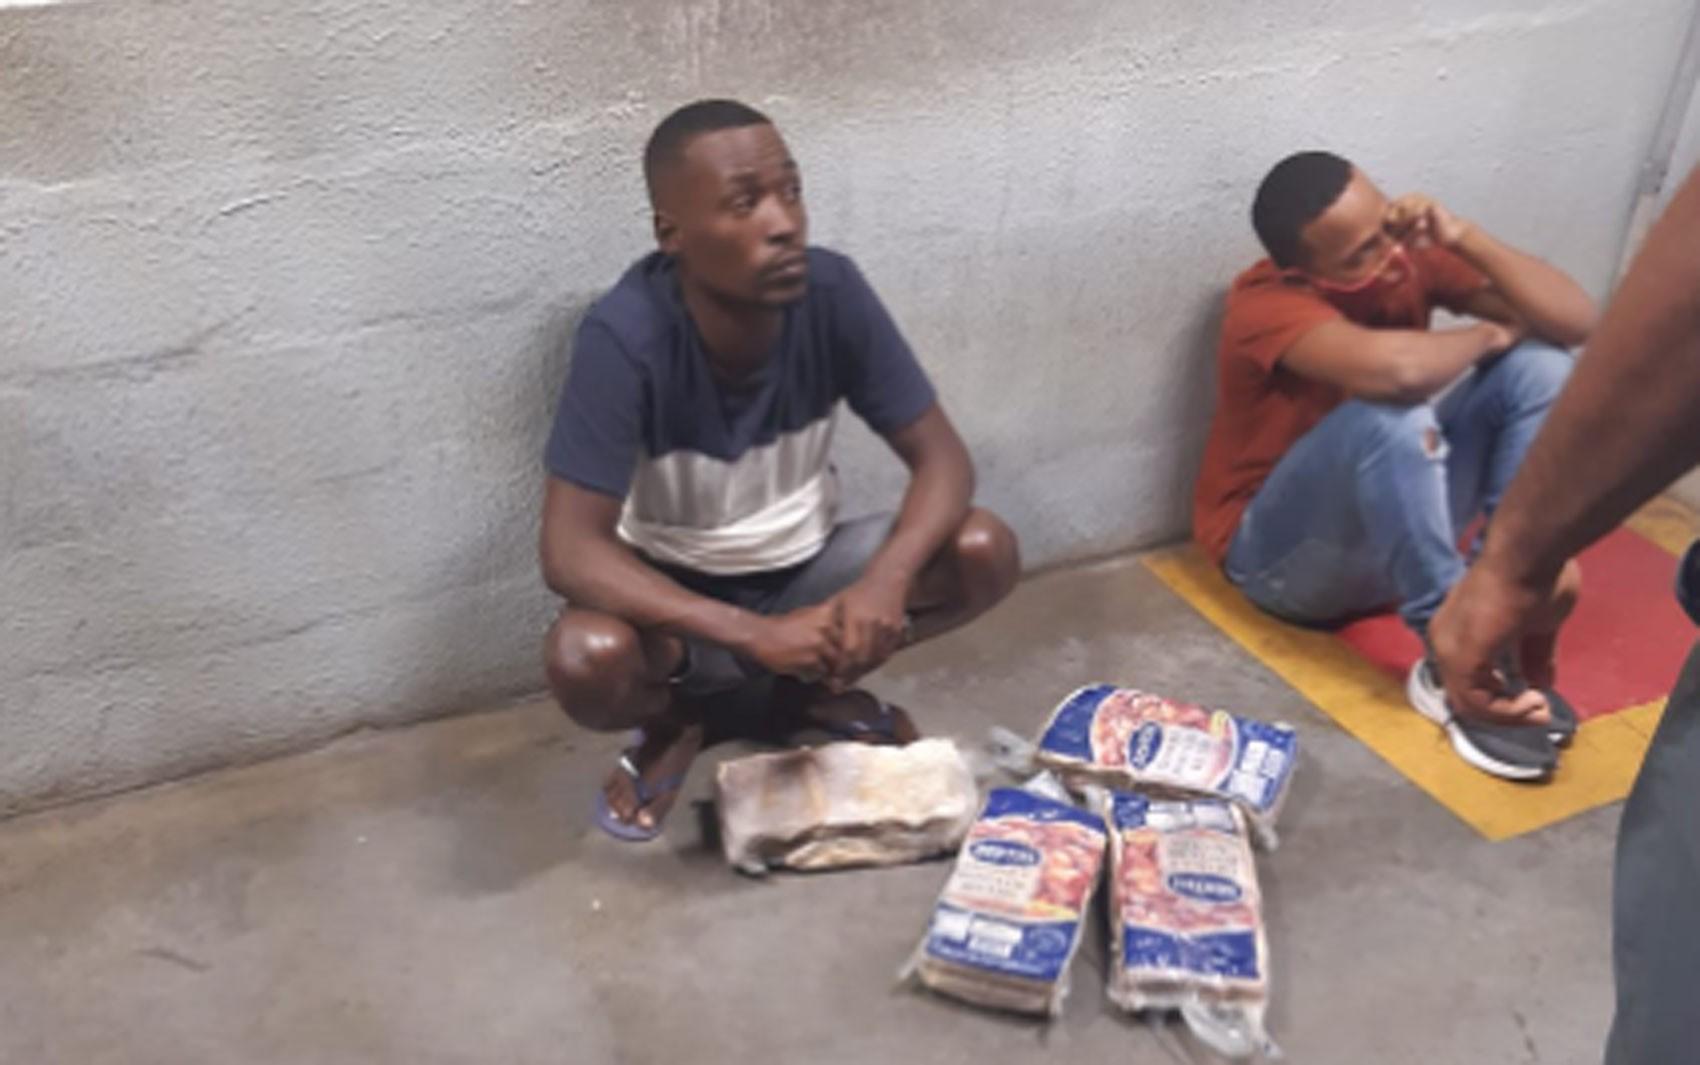 Entidades acionam Justiça e pedem que supermercado faça 'reparação coletiva' por mortes de homens após suspeita de furto de carne na BA